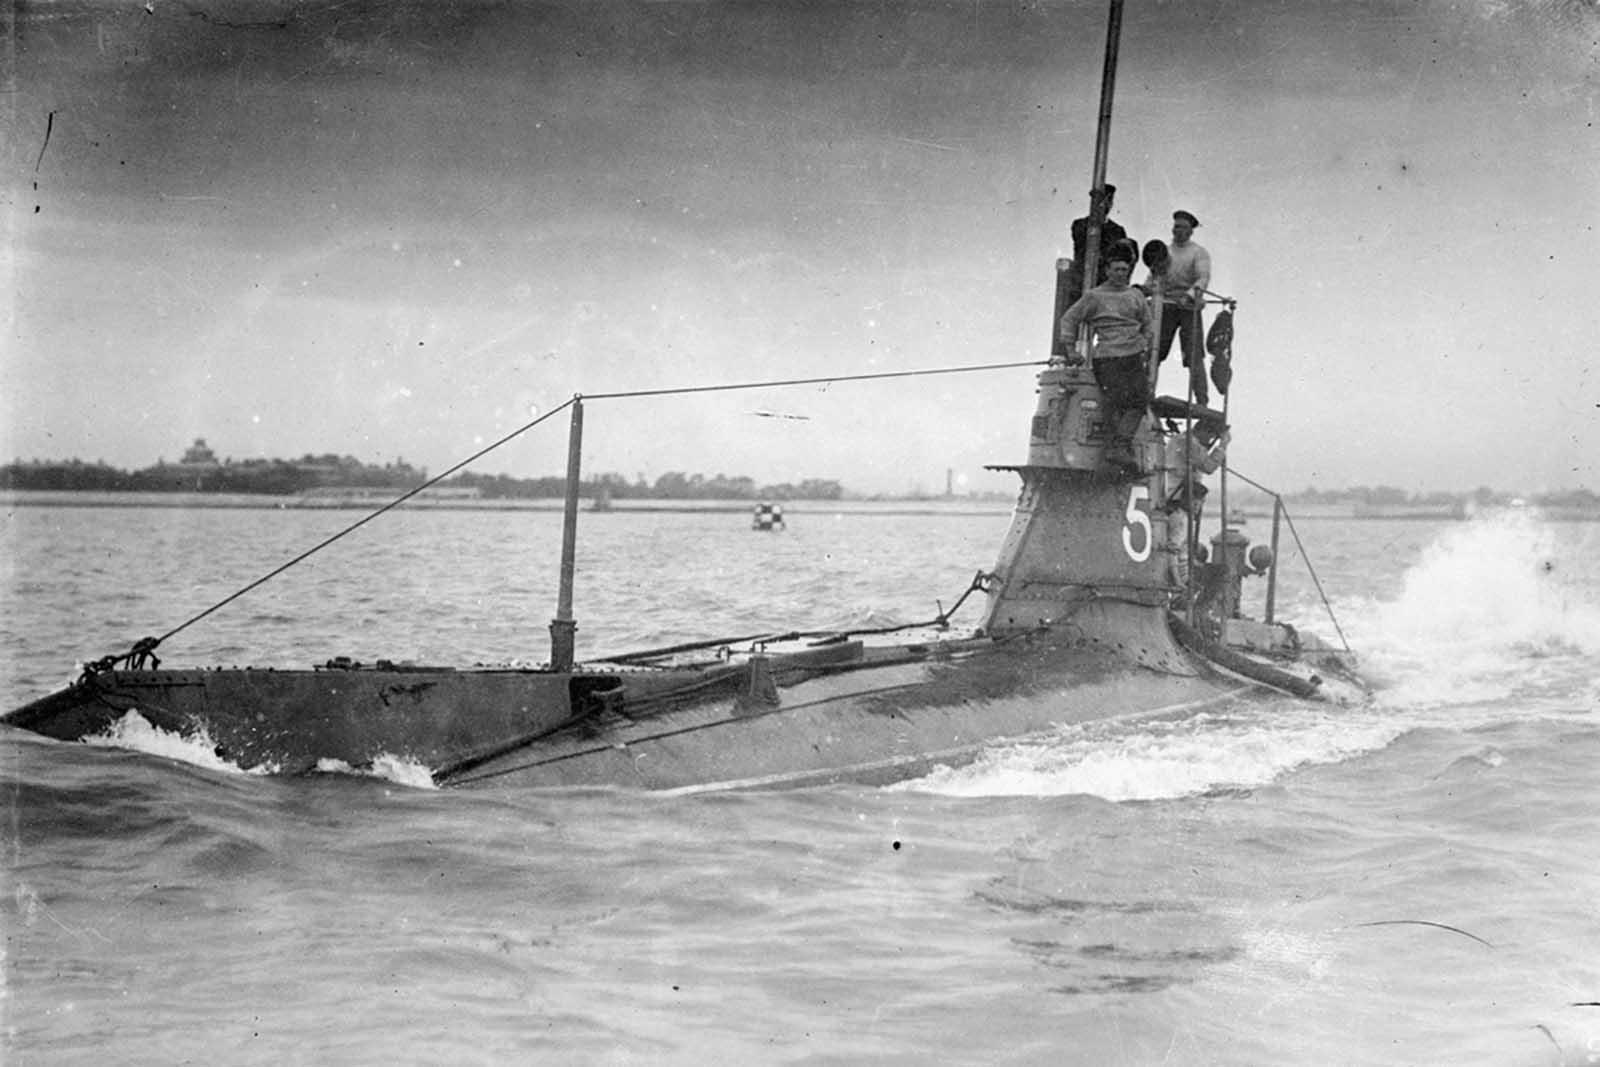 Submarino británico HMS A5. El A5 fue parte de los primeros submarinos británicos de clase A, utilizados en la Primera Guerra Mundial para la defensa del puerto. El A5, sin embargo, sufrió una explosión solo unos días después de su puesta en servicio en 1905, y no participó en la guerra.